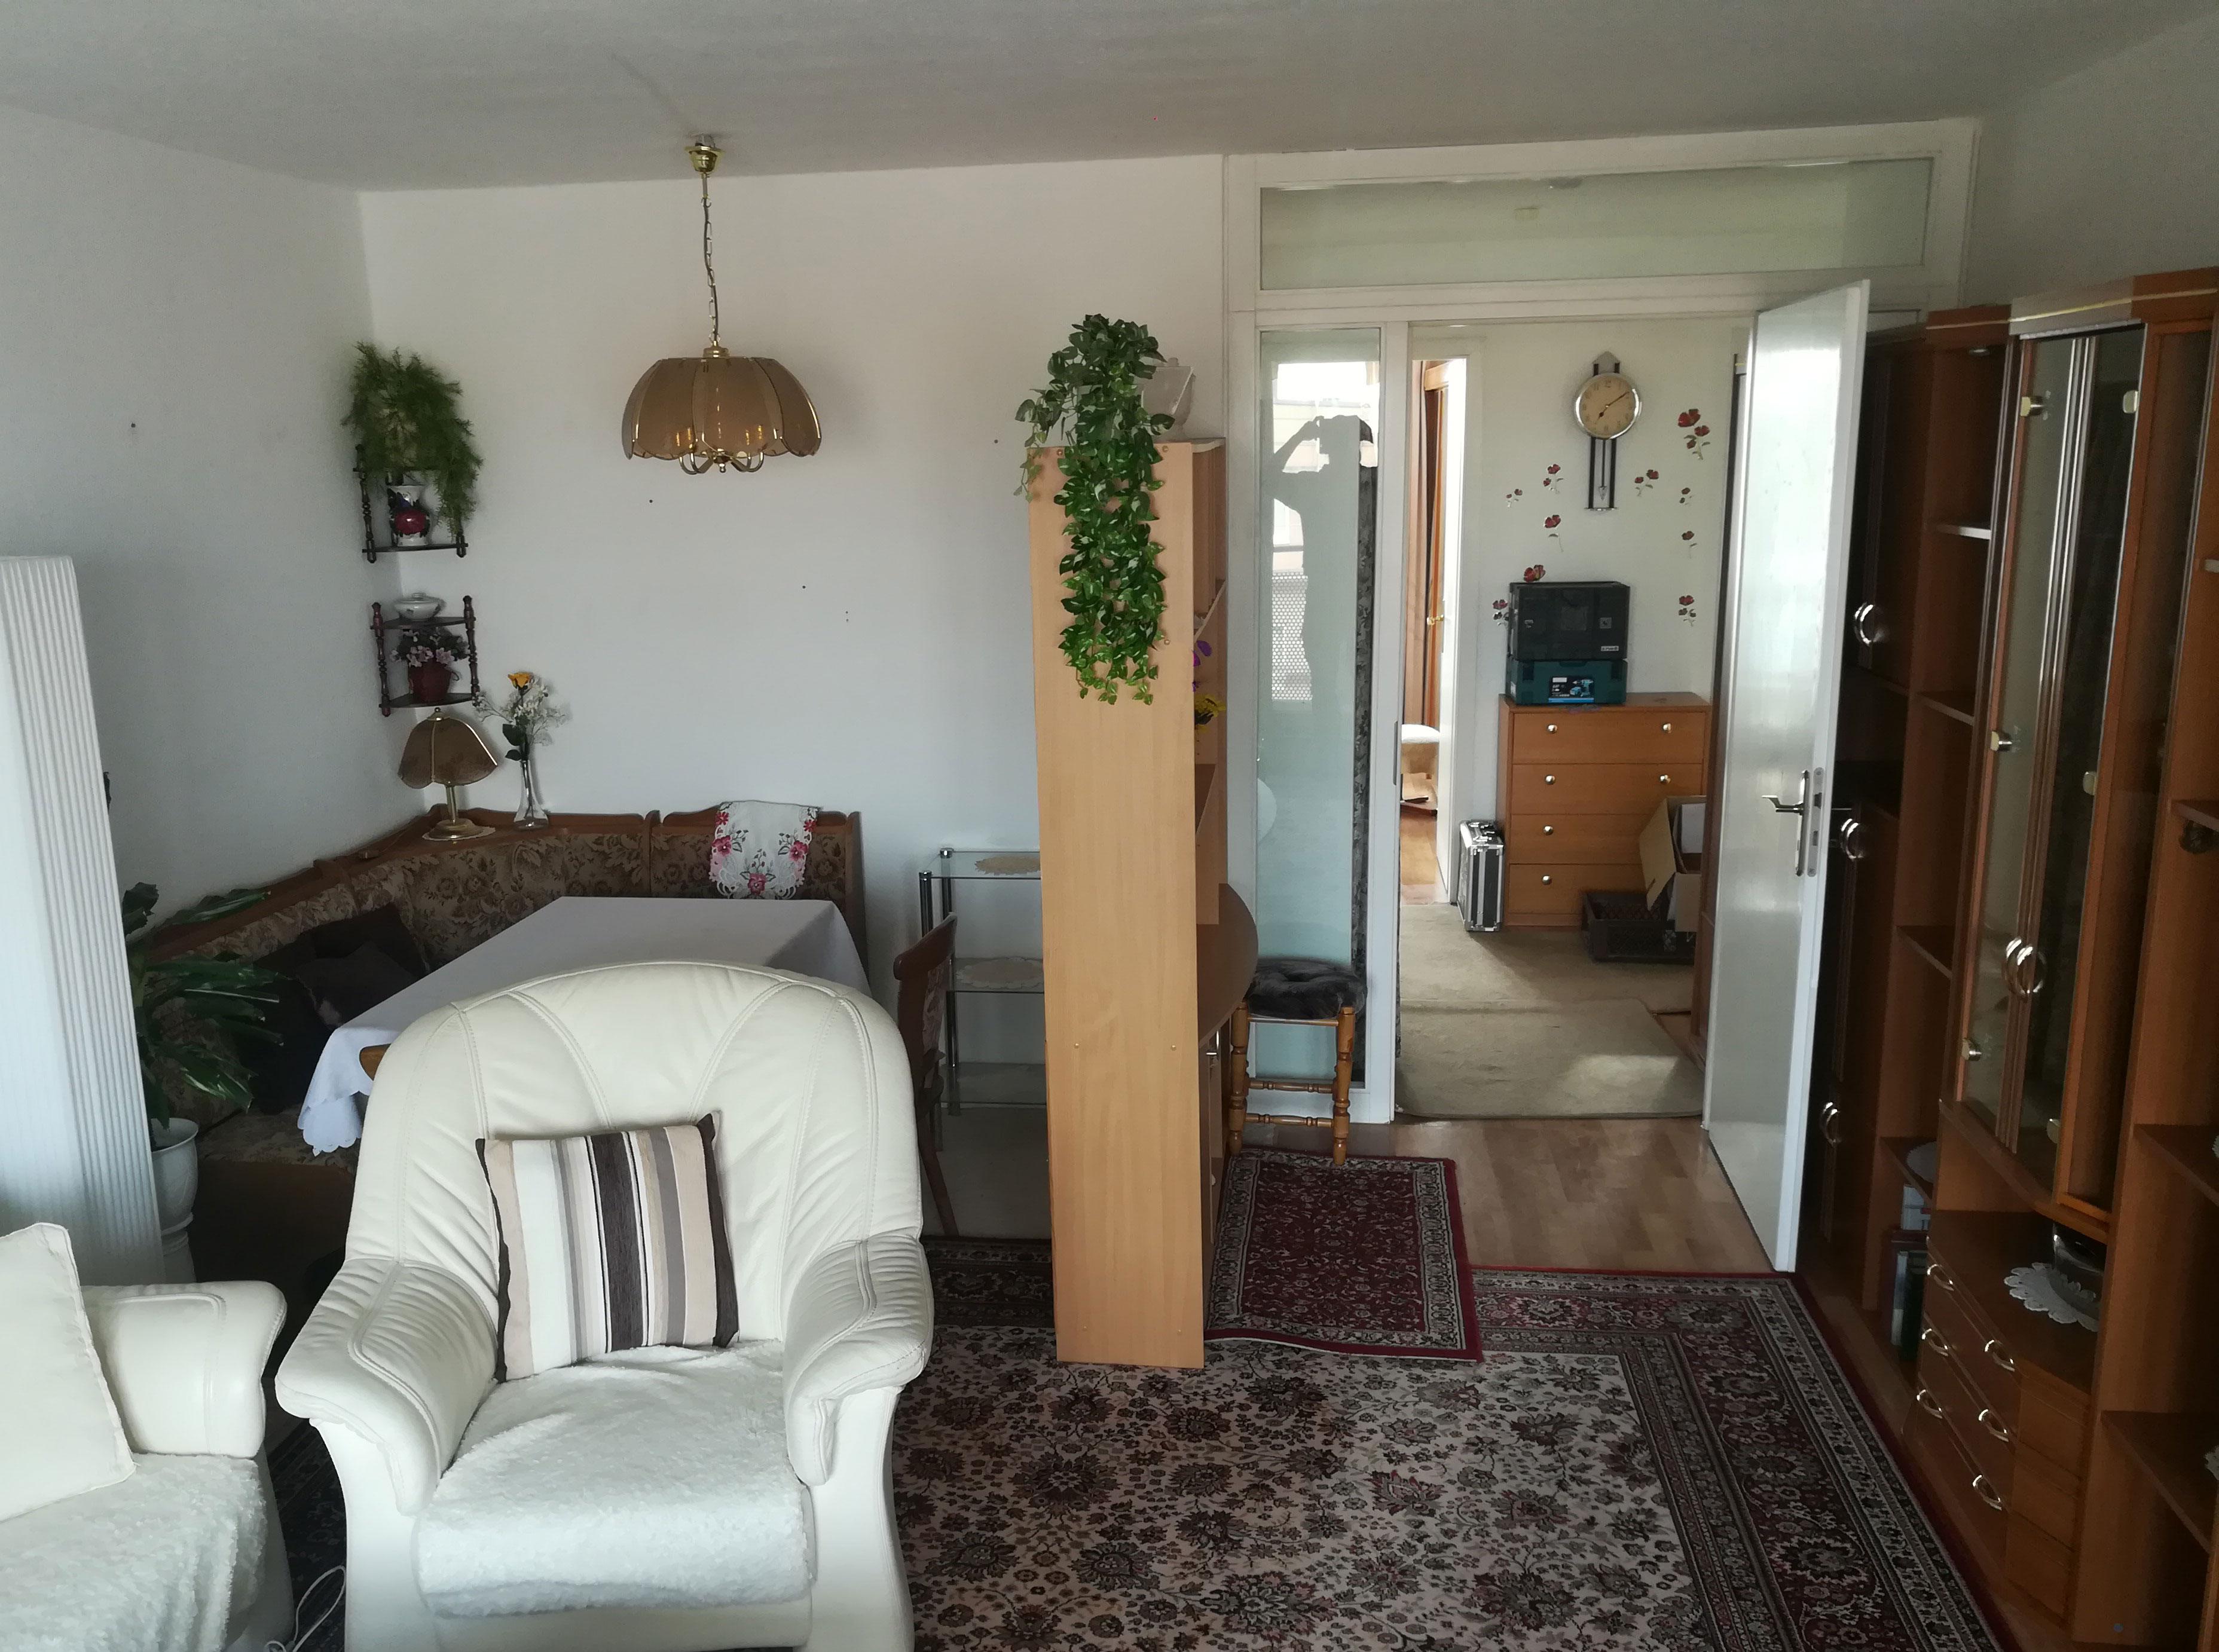 Wohnzimmer vorher Haushaltsauflösung Rostock